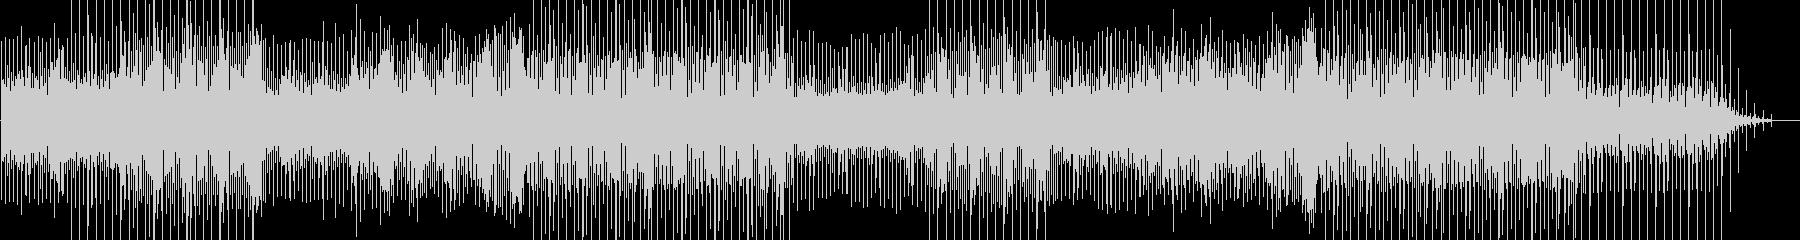 プログレッシブなハウスのEDM曲の未再生の波形